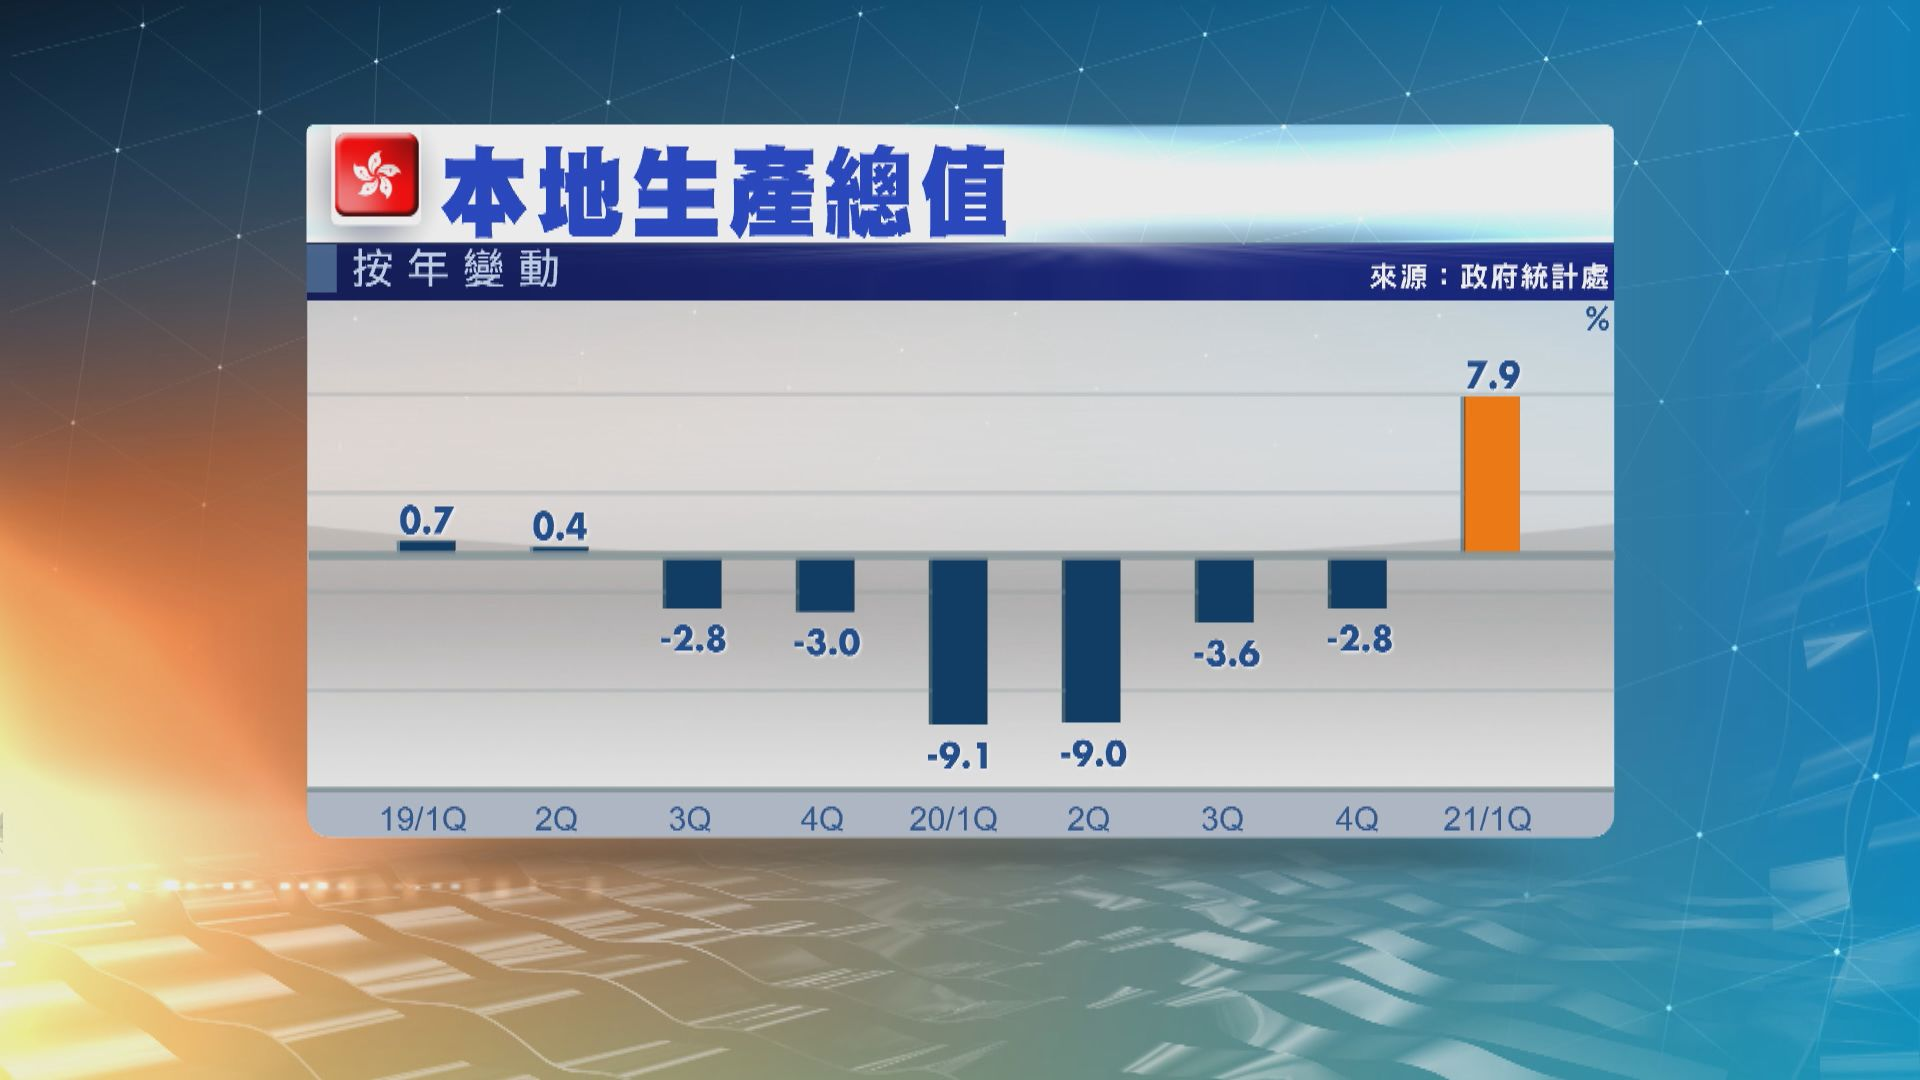 本港首季經濟增長 向上修訂至7.9%